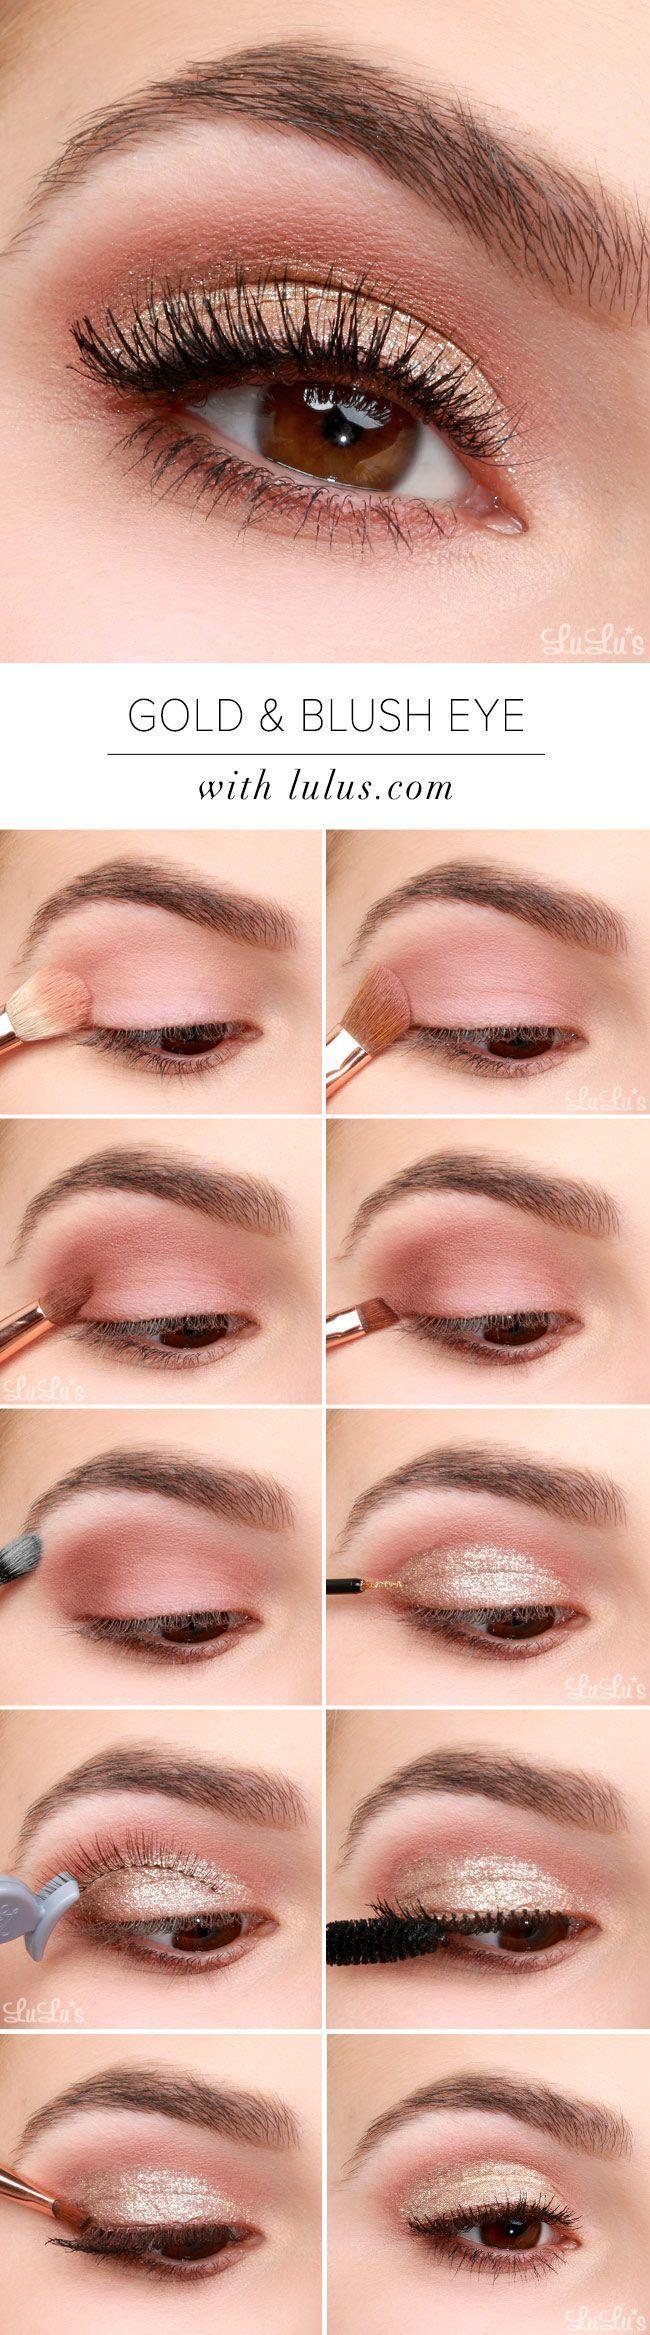 LuLu * s How-To: Gold und Rouge Valentinstag Augen Make-up Tutorial bei LuLus.com #eyemakeupnatural